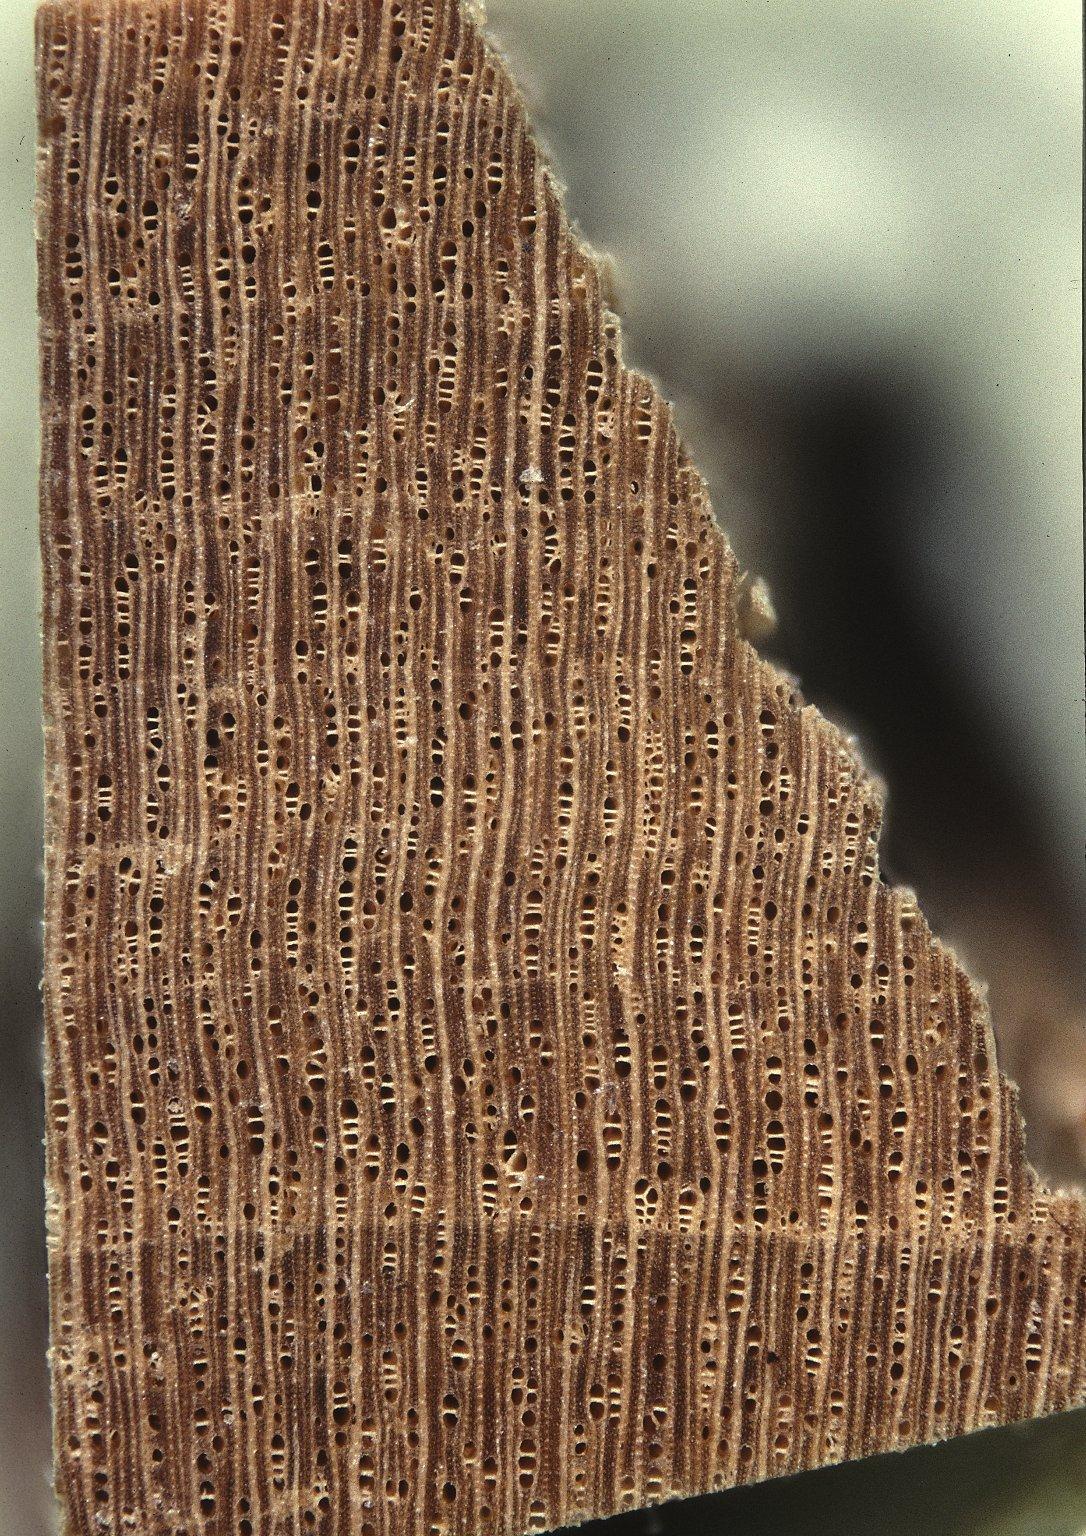 RUBIACEAE Guettarda viburnoides